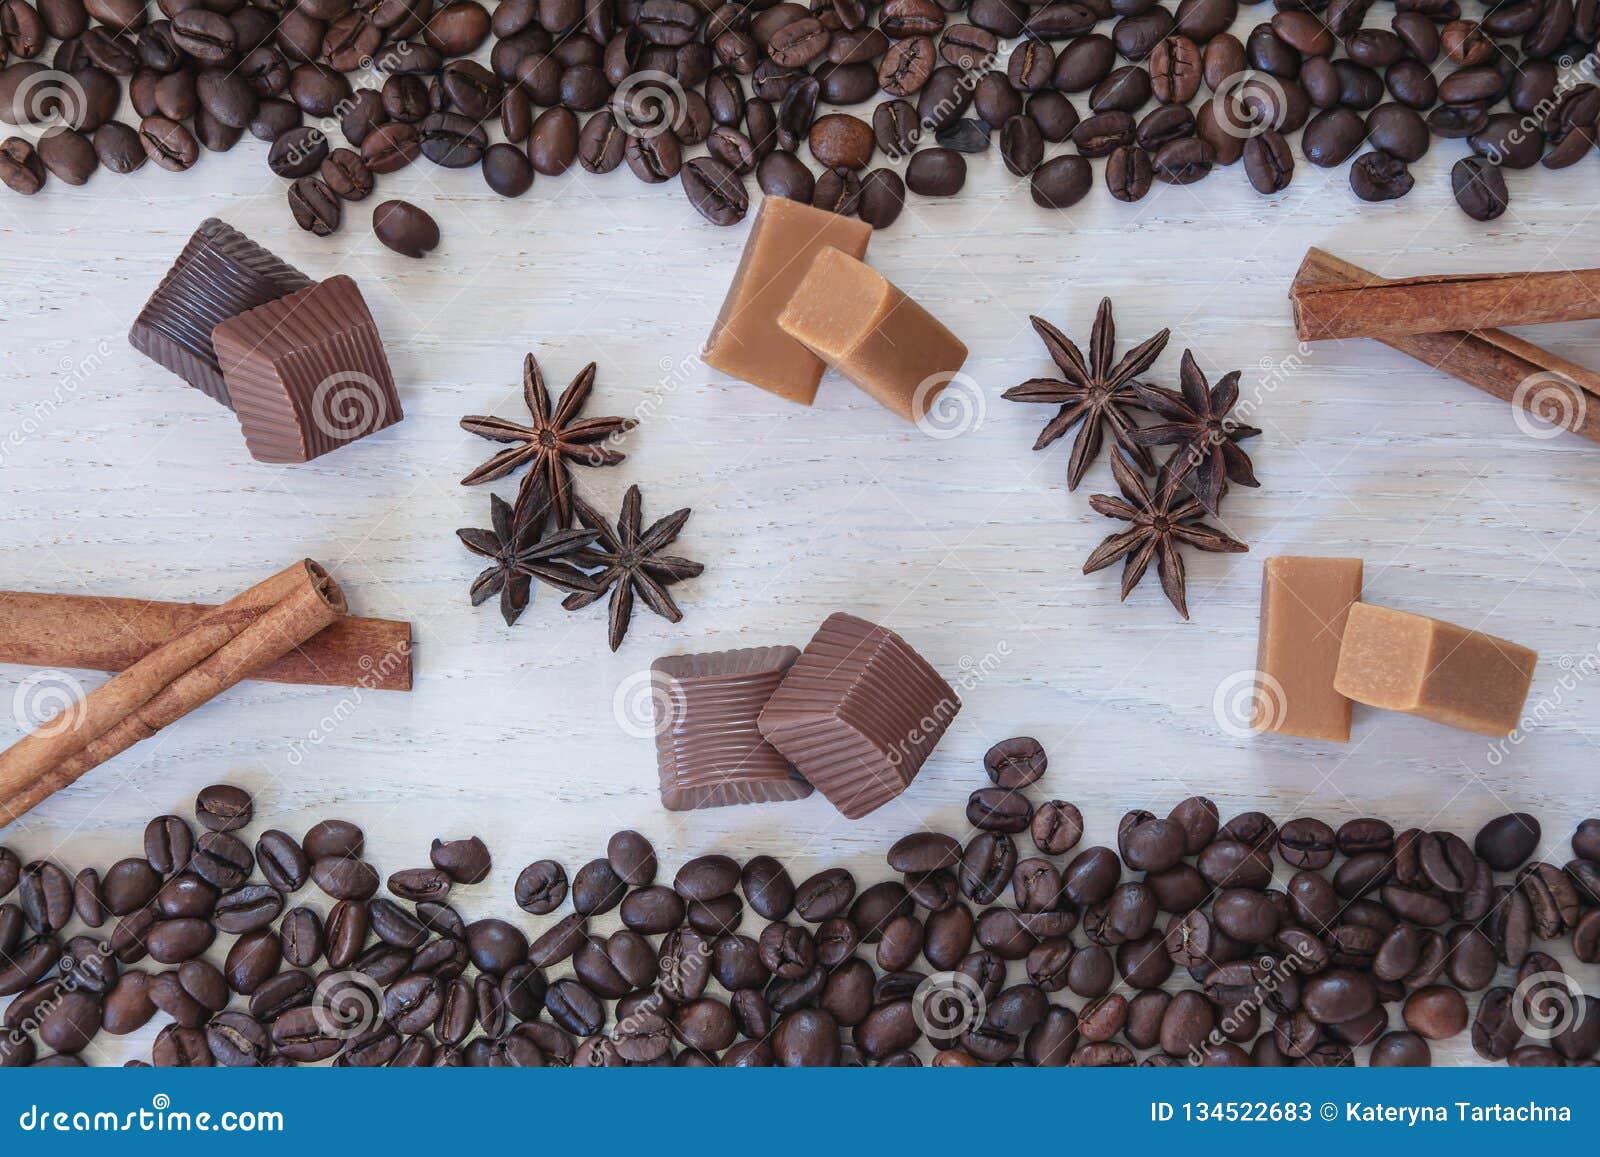 Kaffeebohnehintergrund mit Schokolade, Anis, Karamell und Zimt